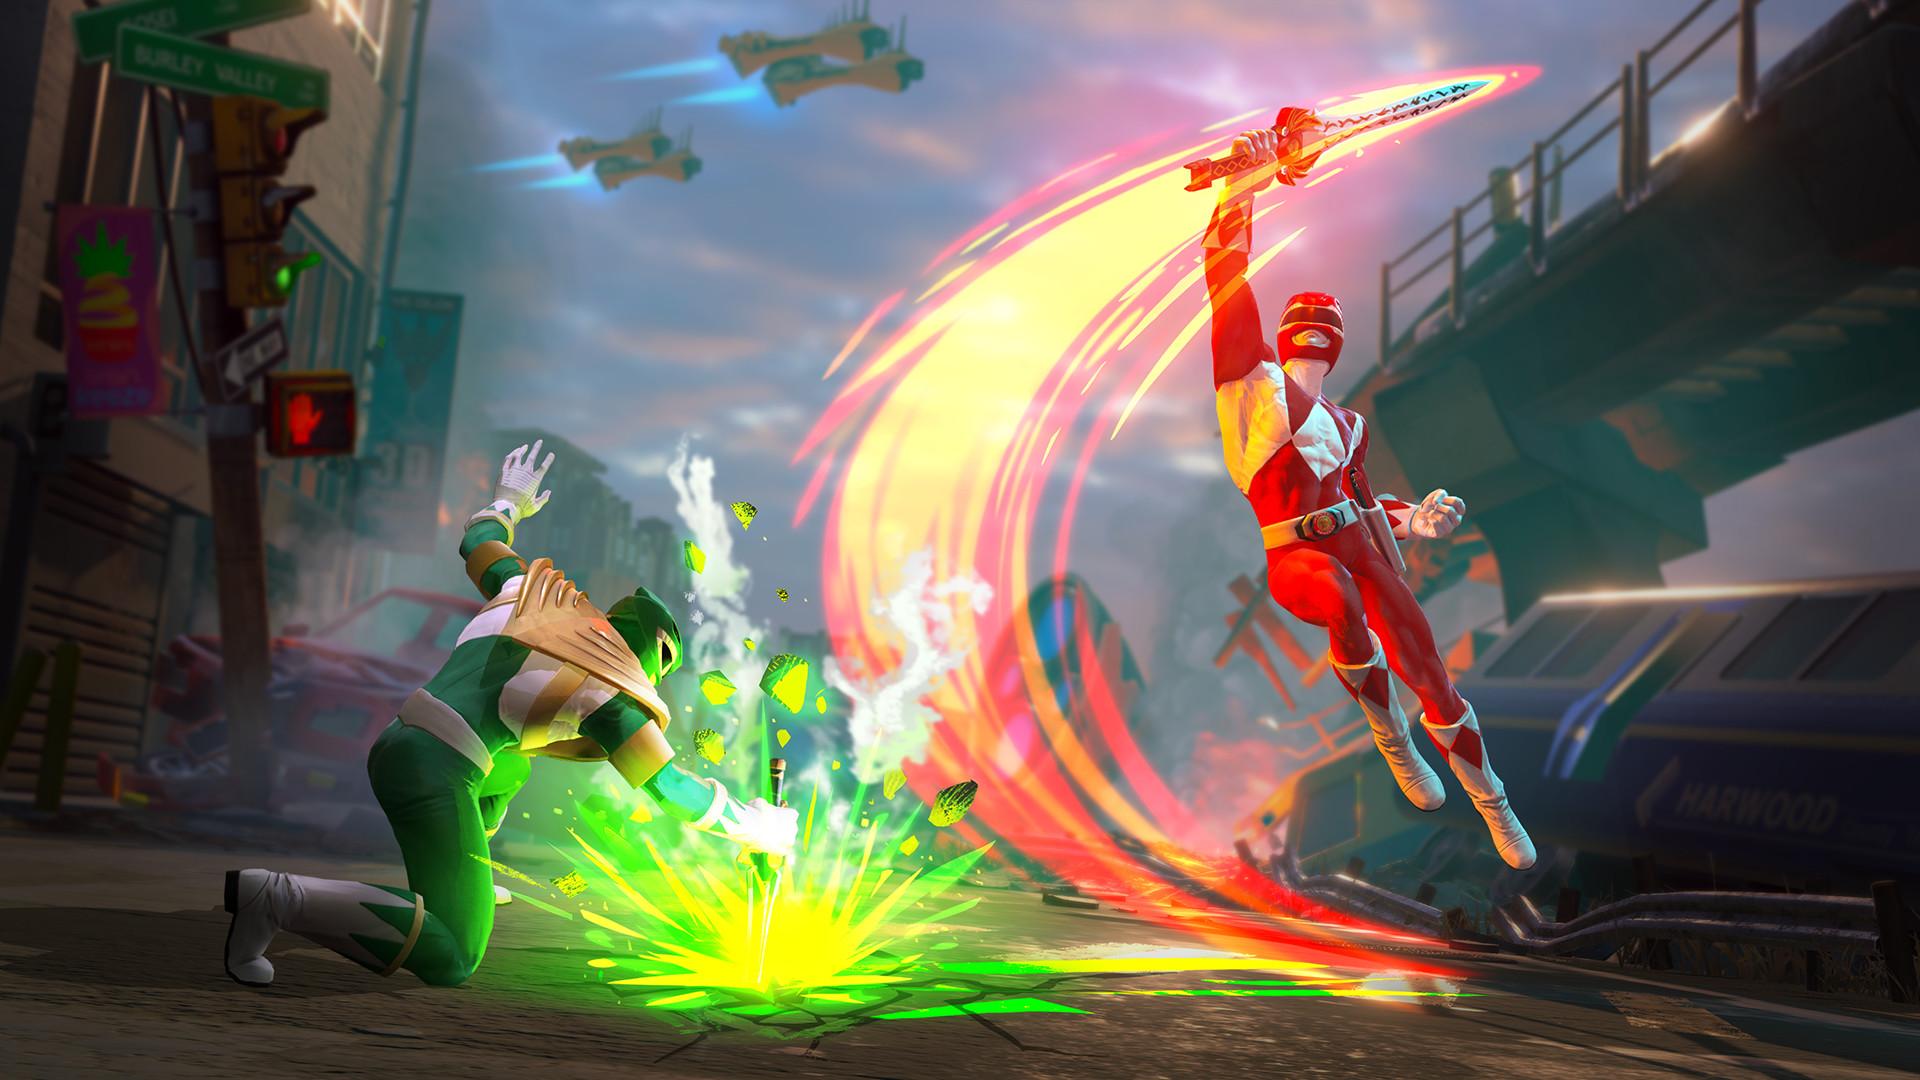 恐龙战队能量之战/Power Rangers: Battle for the Grid(超级版+全DLC)插图3